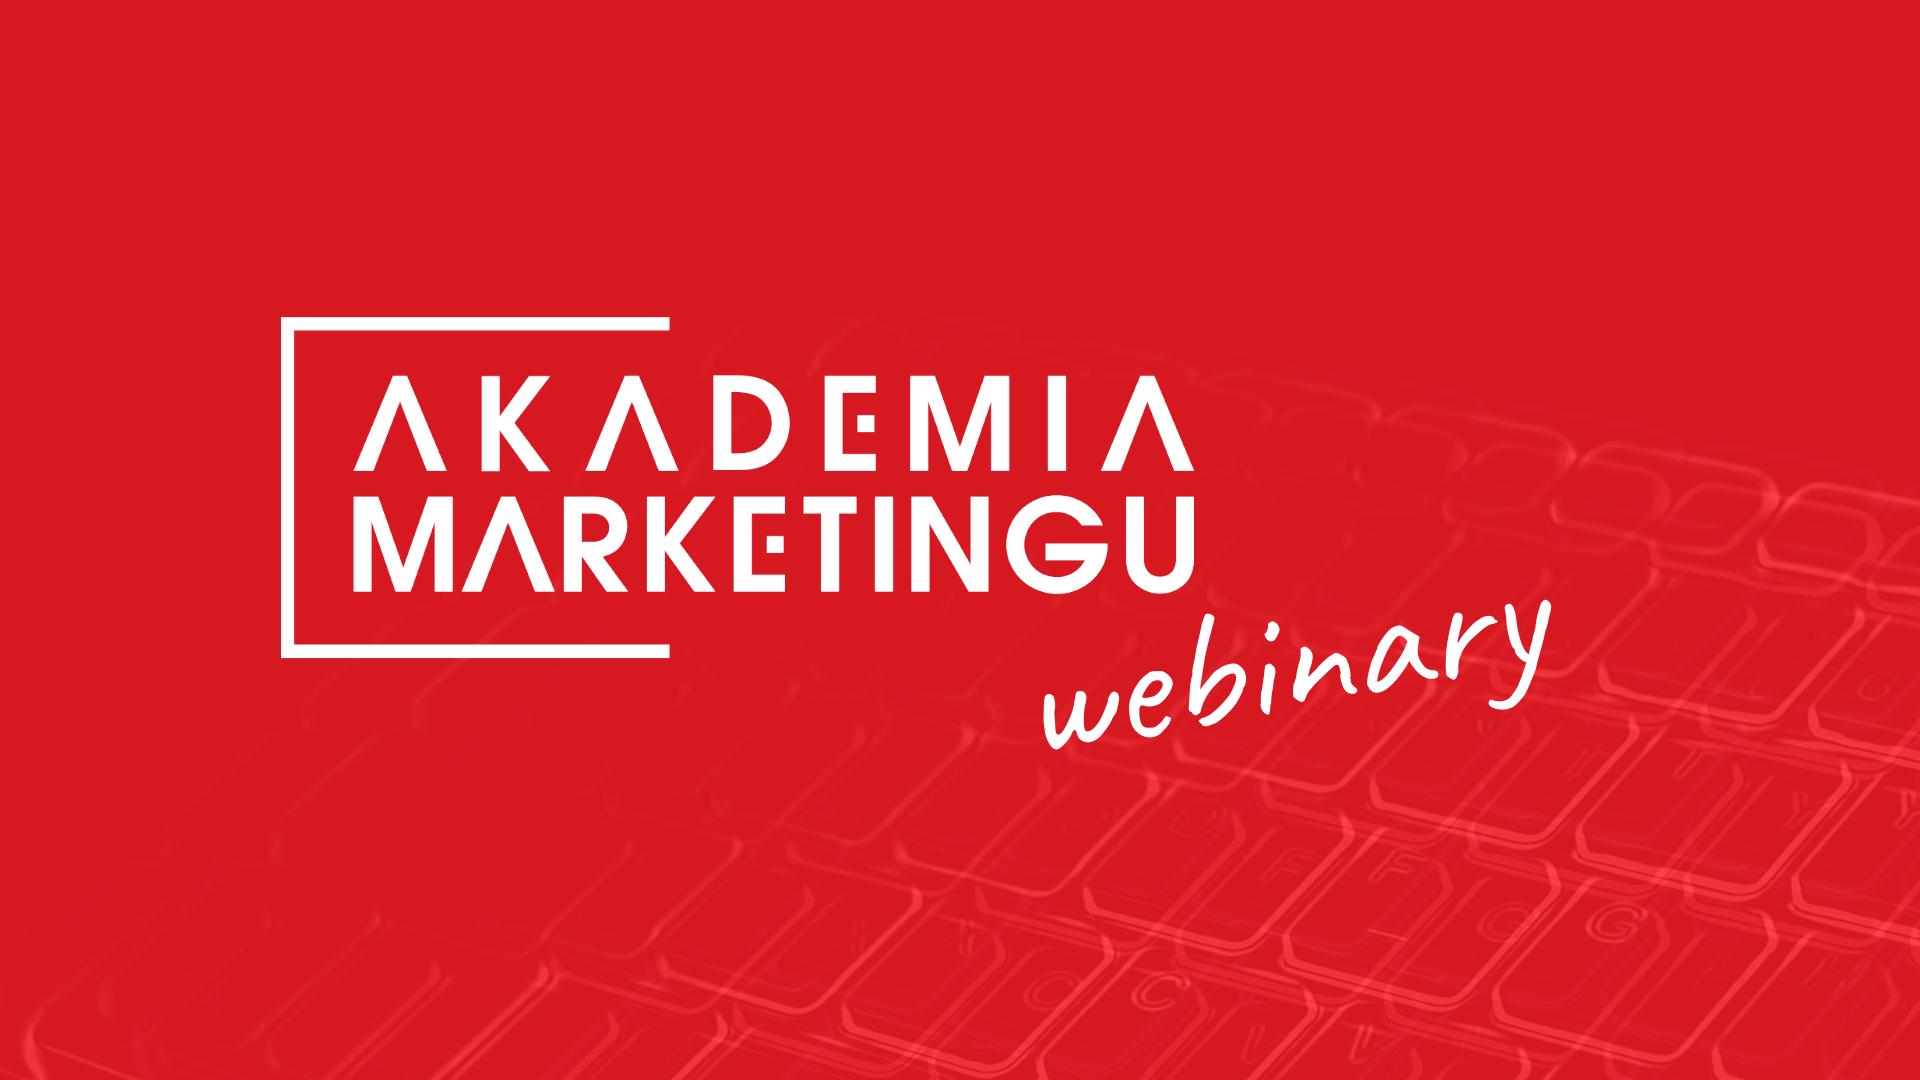 Akademia Marketingu rozpoczyna cykl darmowych webinariów  o content marketingu pod patronatem e-Izby